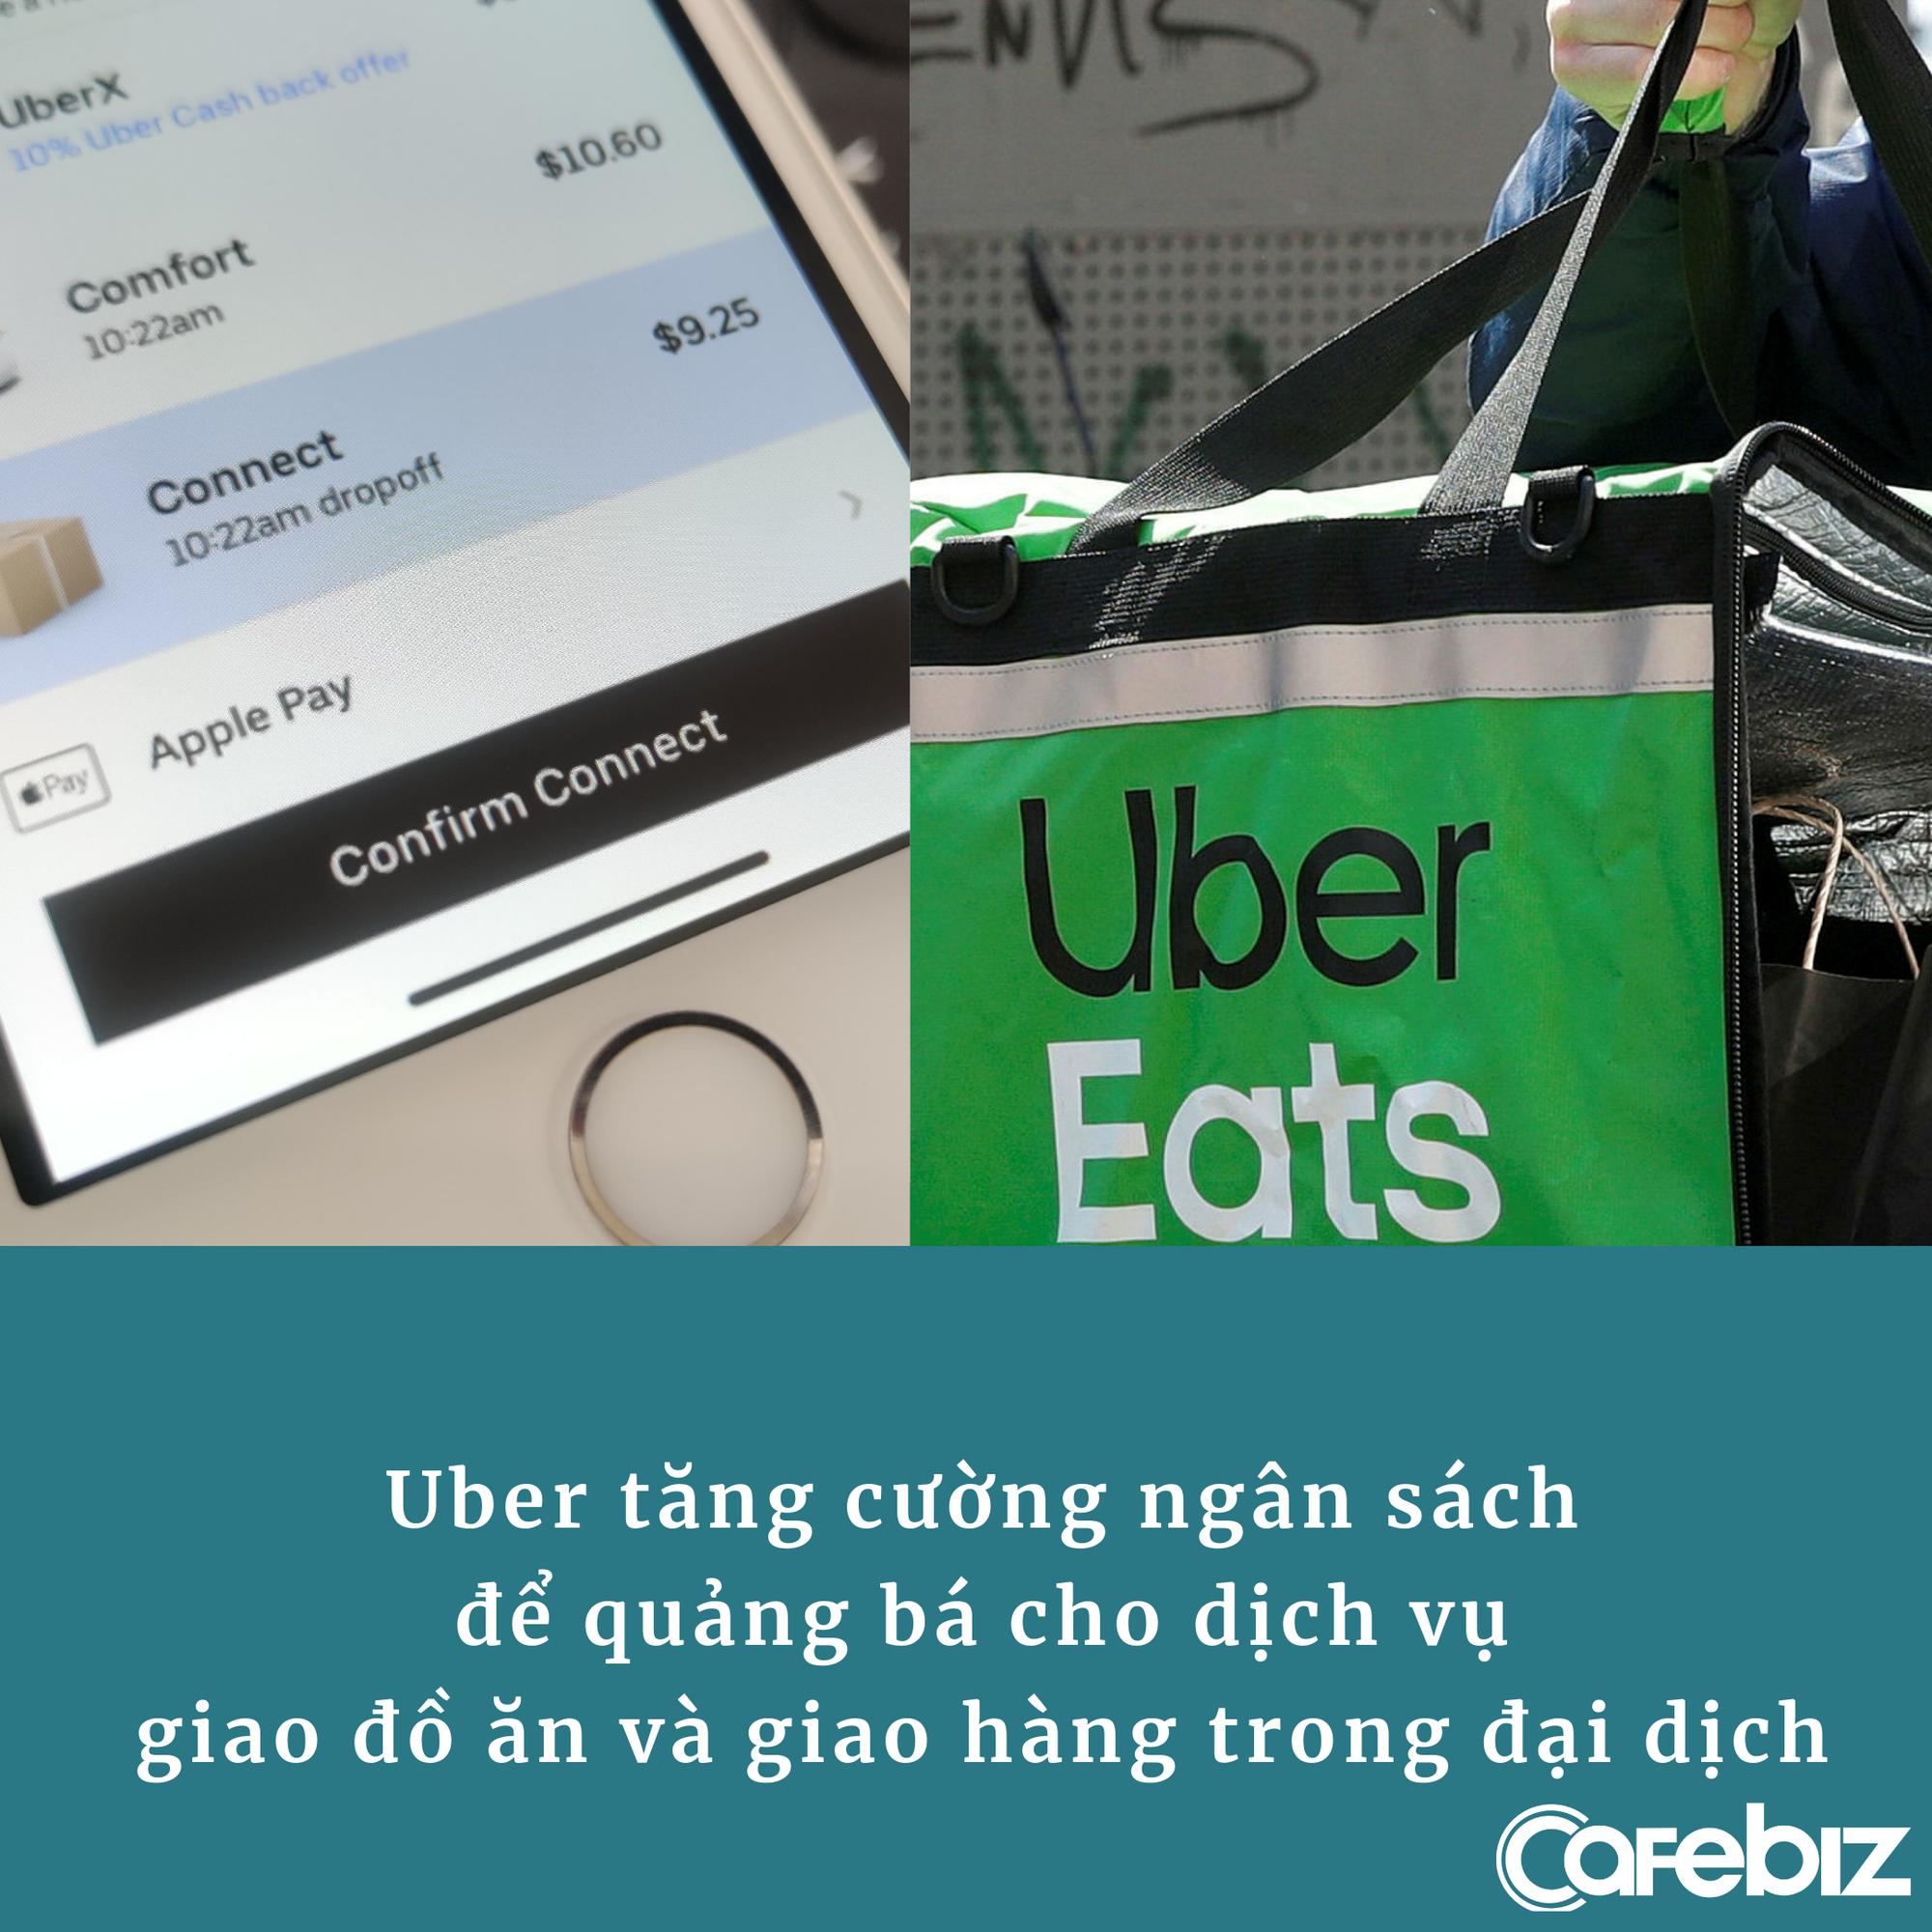 Hoạt động gọi xe 'tơi tả' vì đại dịch, Uber nhanh trí dồn toàn lực vào giao đồ ăn, mở thêm 2 dịch vụ giao hàng, tự cứu mình ngoạn mục - Ảnh 1.